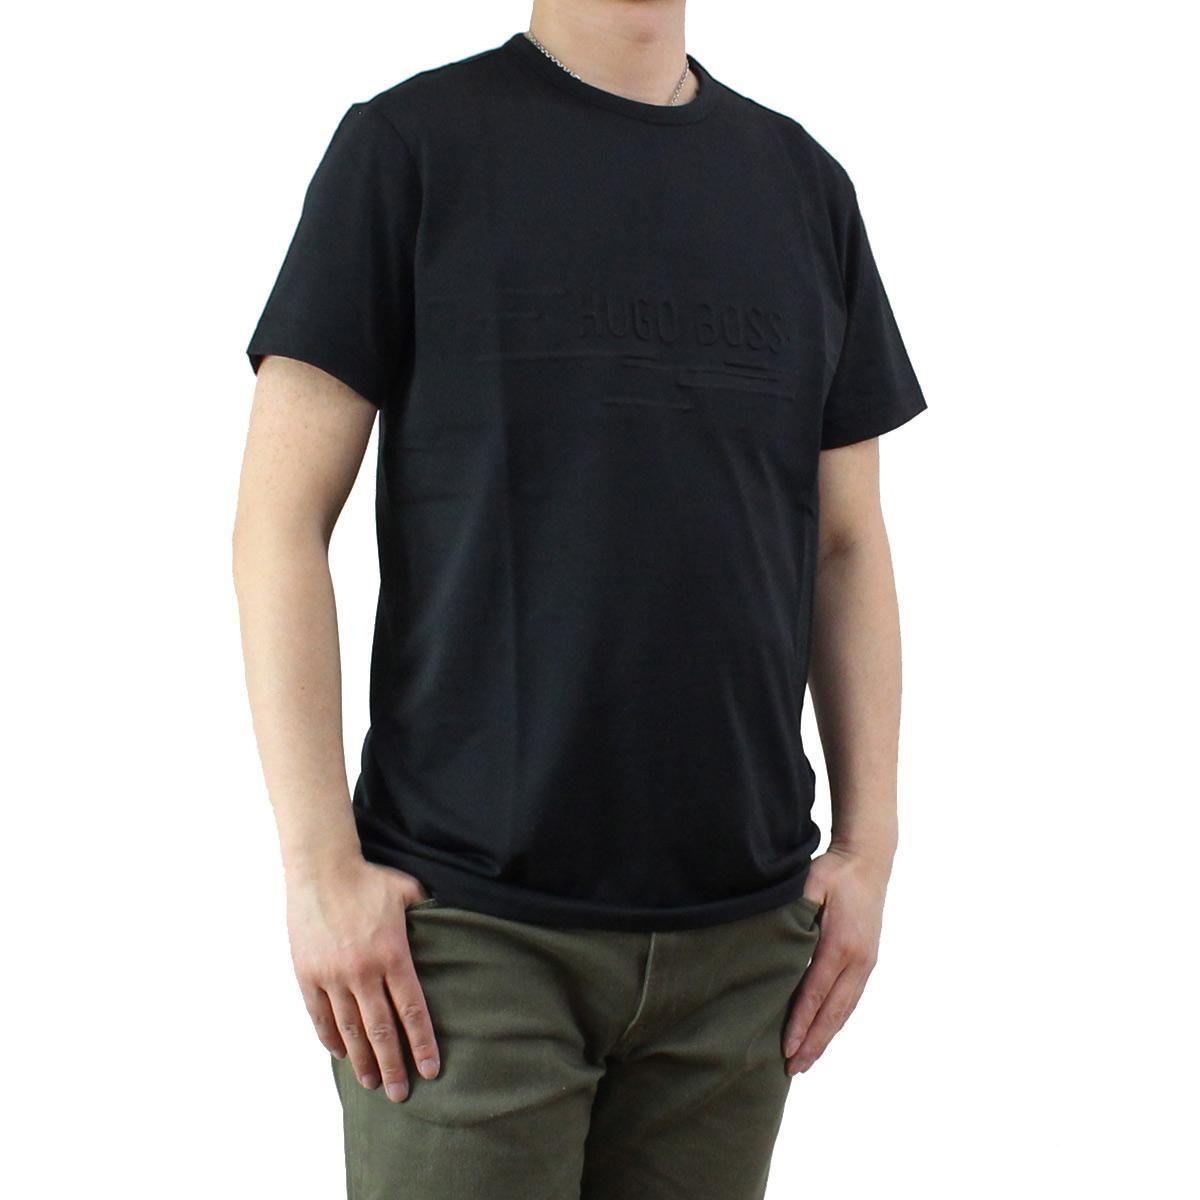 ヒューゴ・ボス(HUGO BOSS) TEE 9 メンズTシャツ